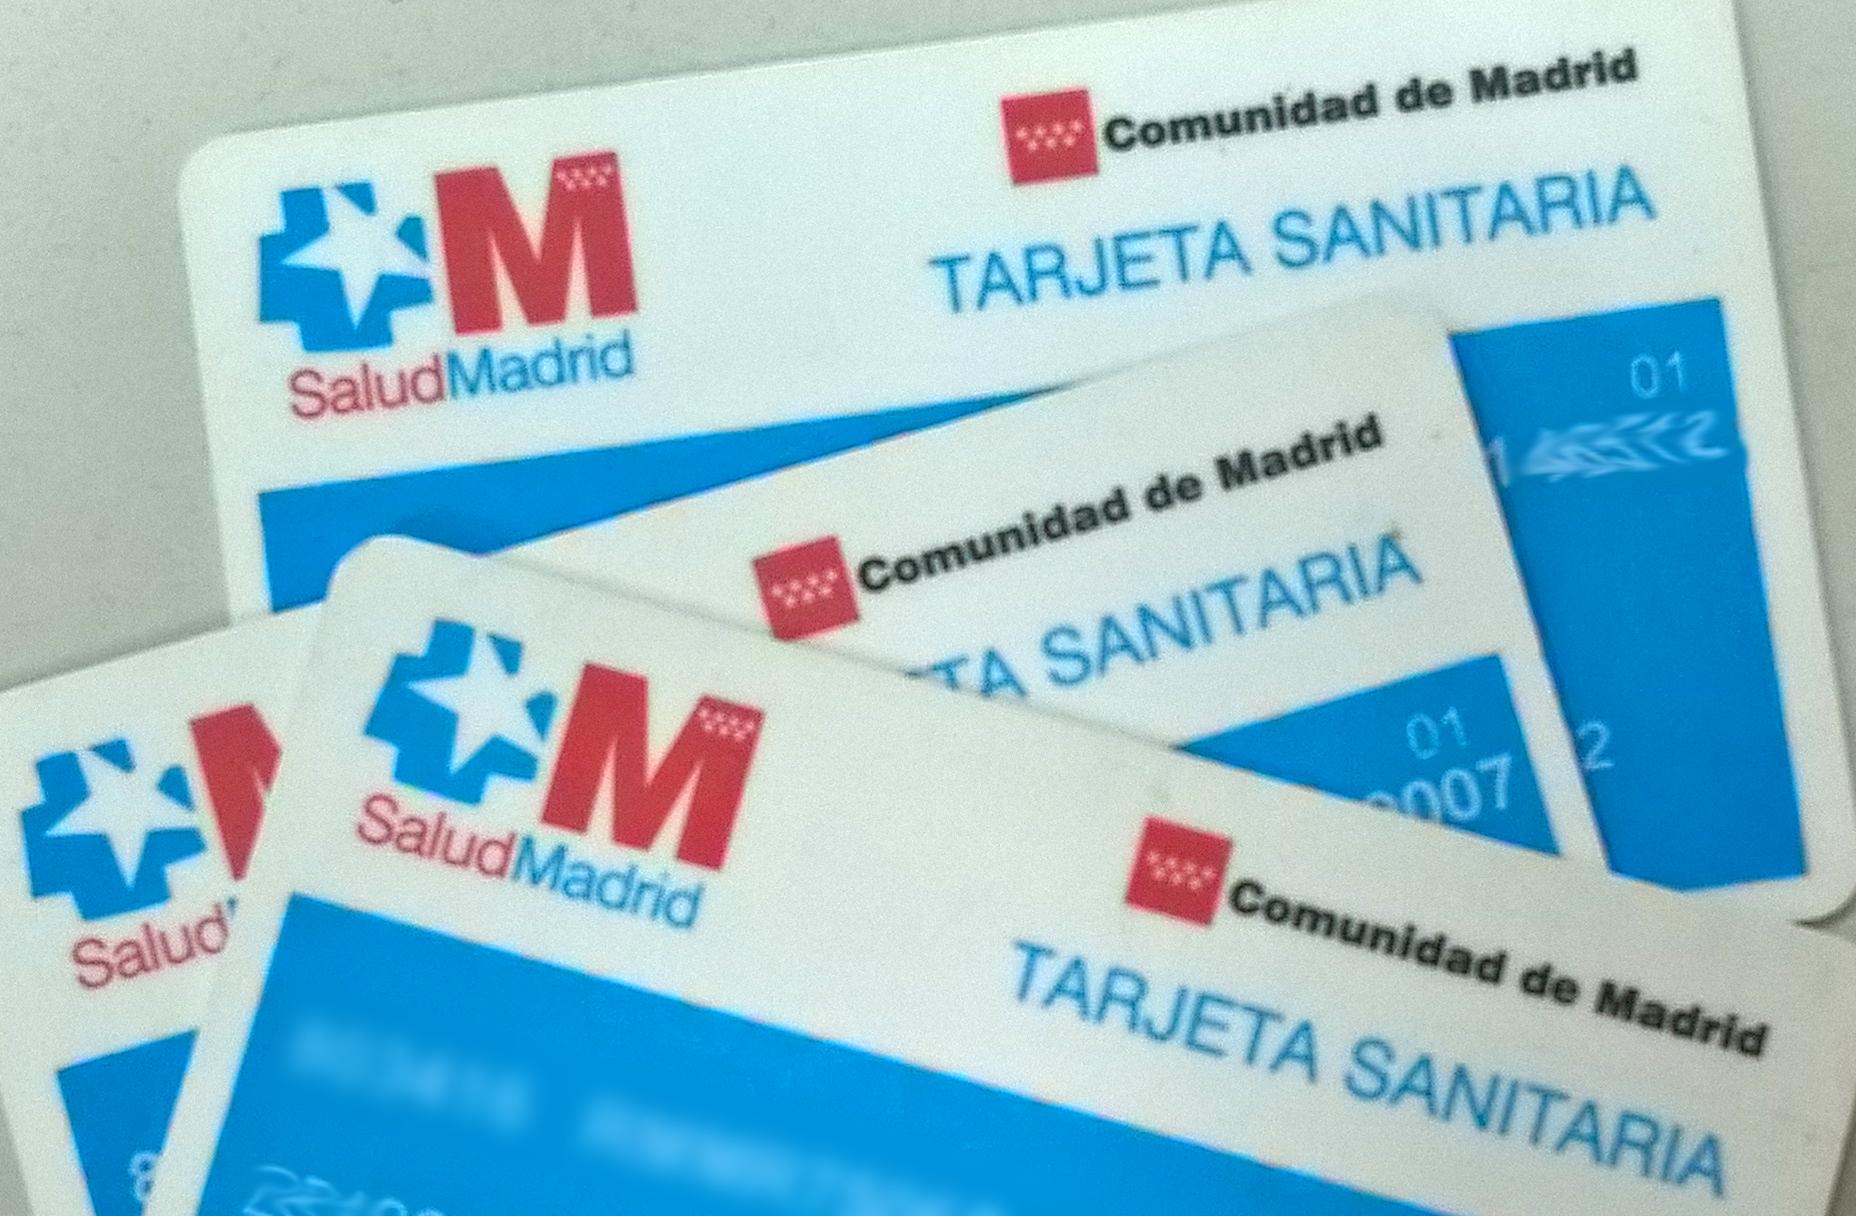 Más de 500 casos de vulneraciones del derecho a la salud en España en el último año